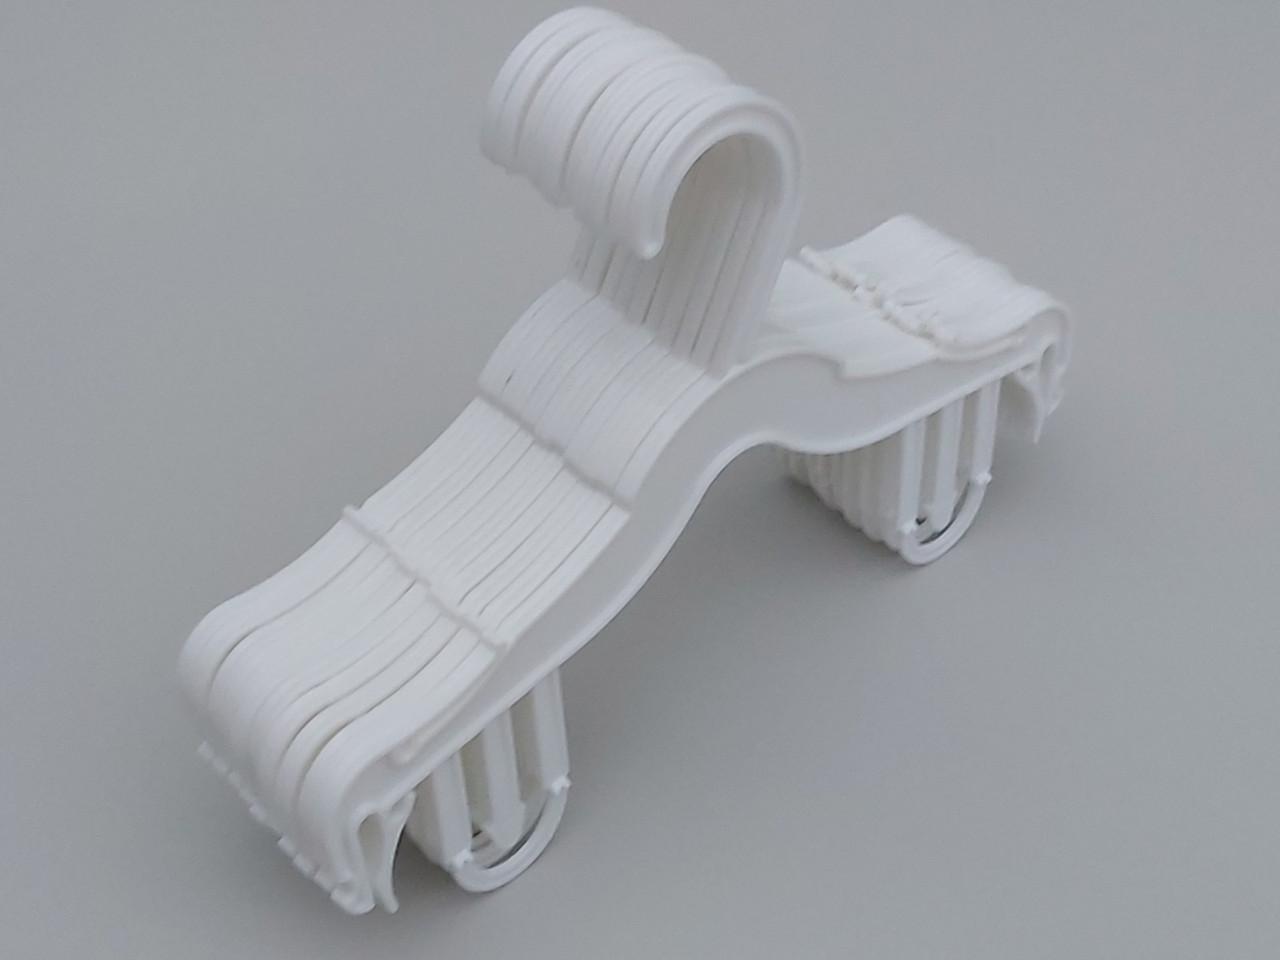 Плічка вішалки пластмасові для нижньої білизни V-DS26 білого кольору, довжина 25,5 см, 10 штук в упаковці